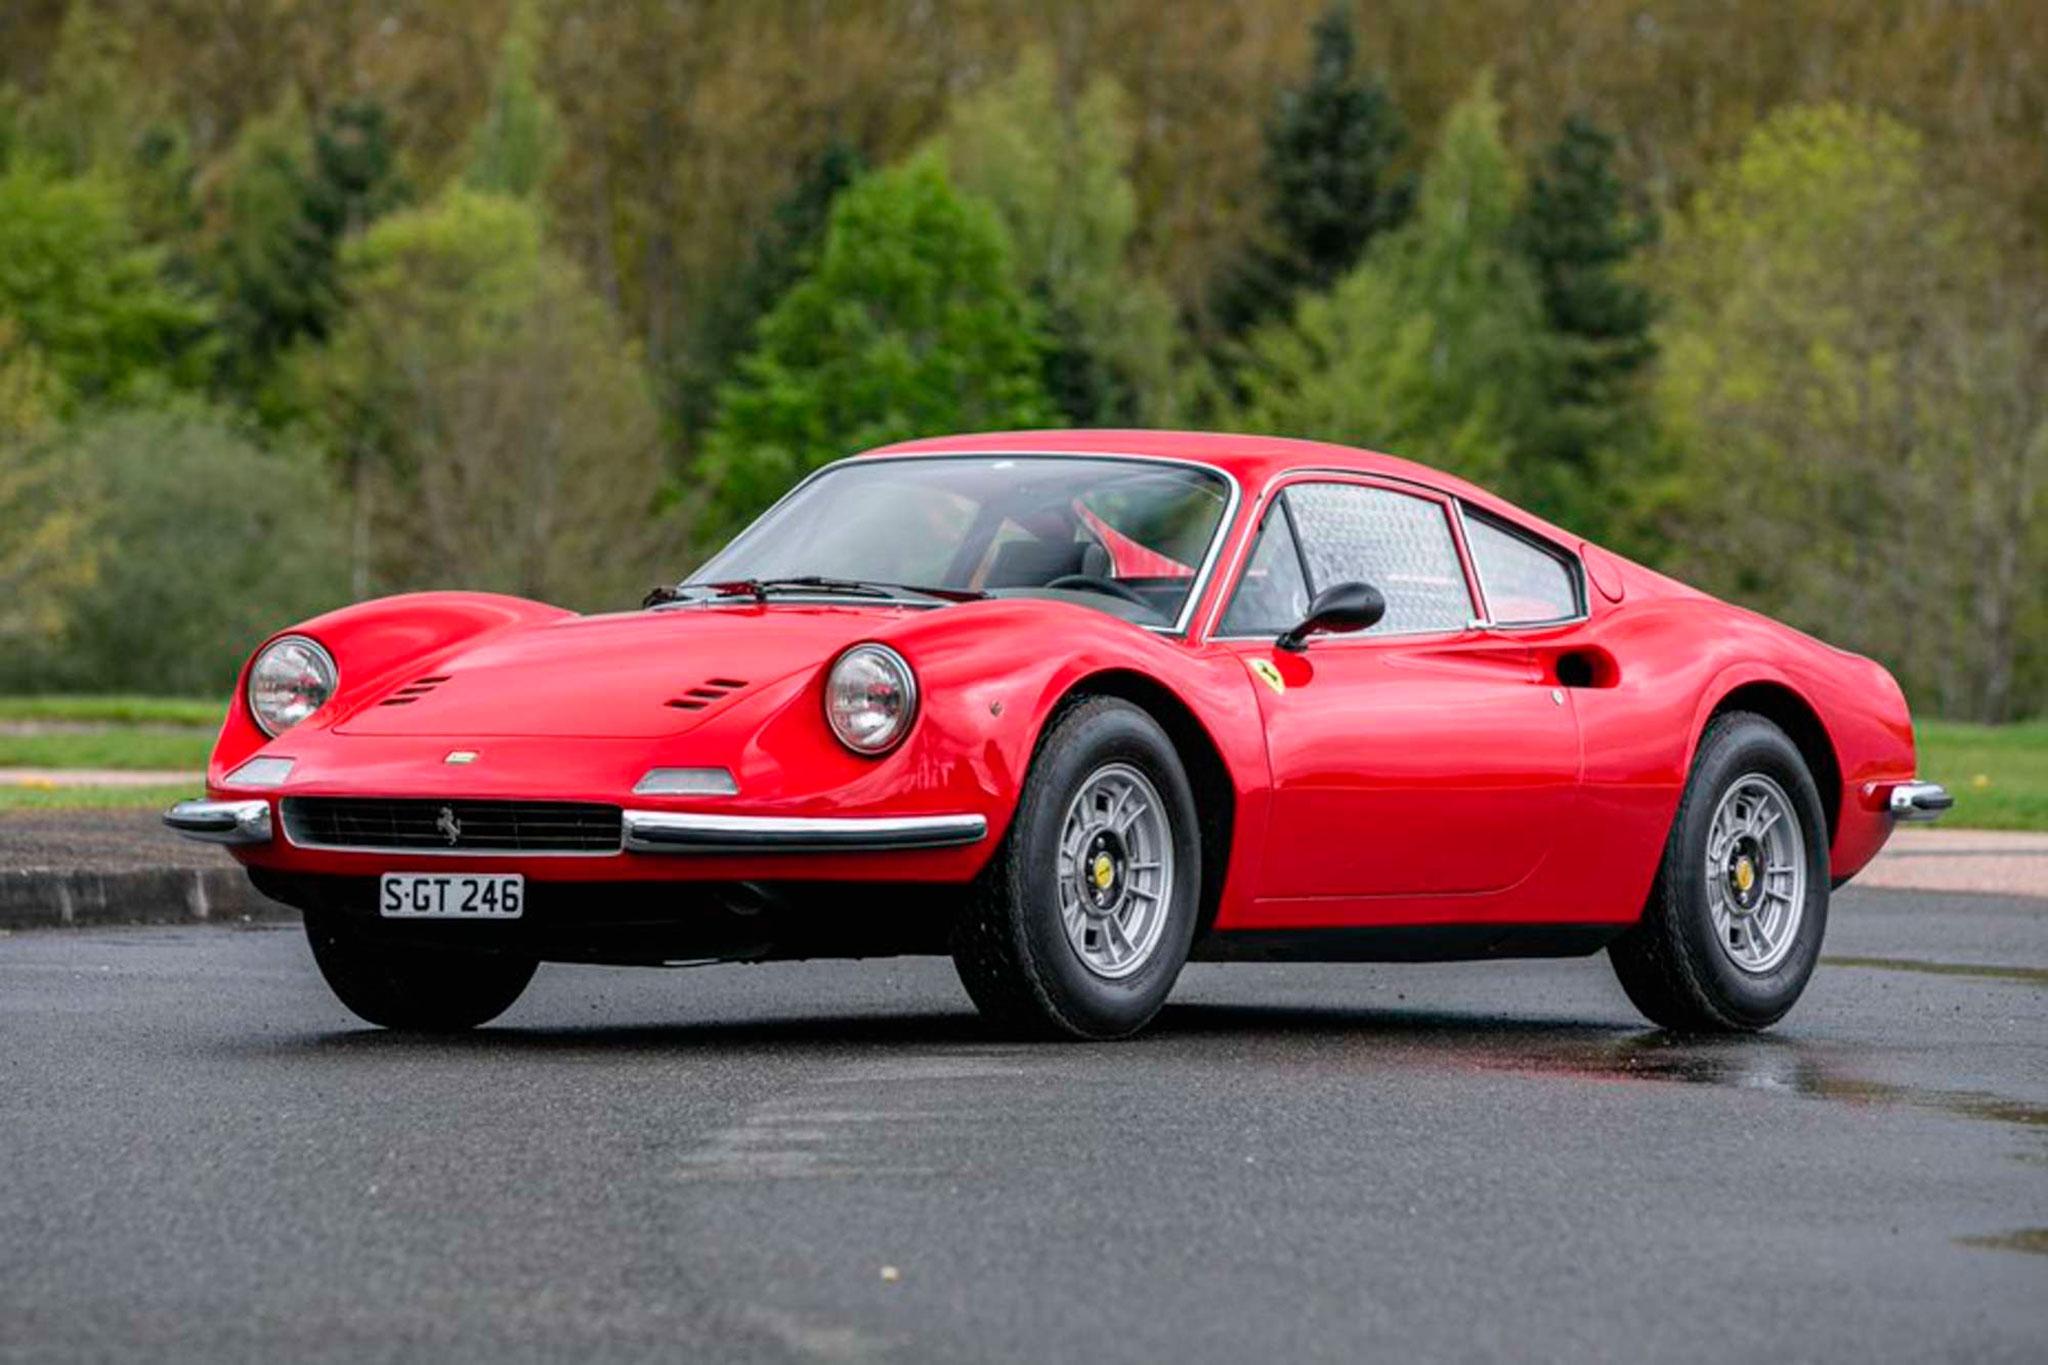 1971 Ferrari Dino 246 GT adjugée £180,000.